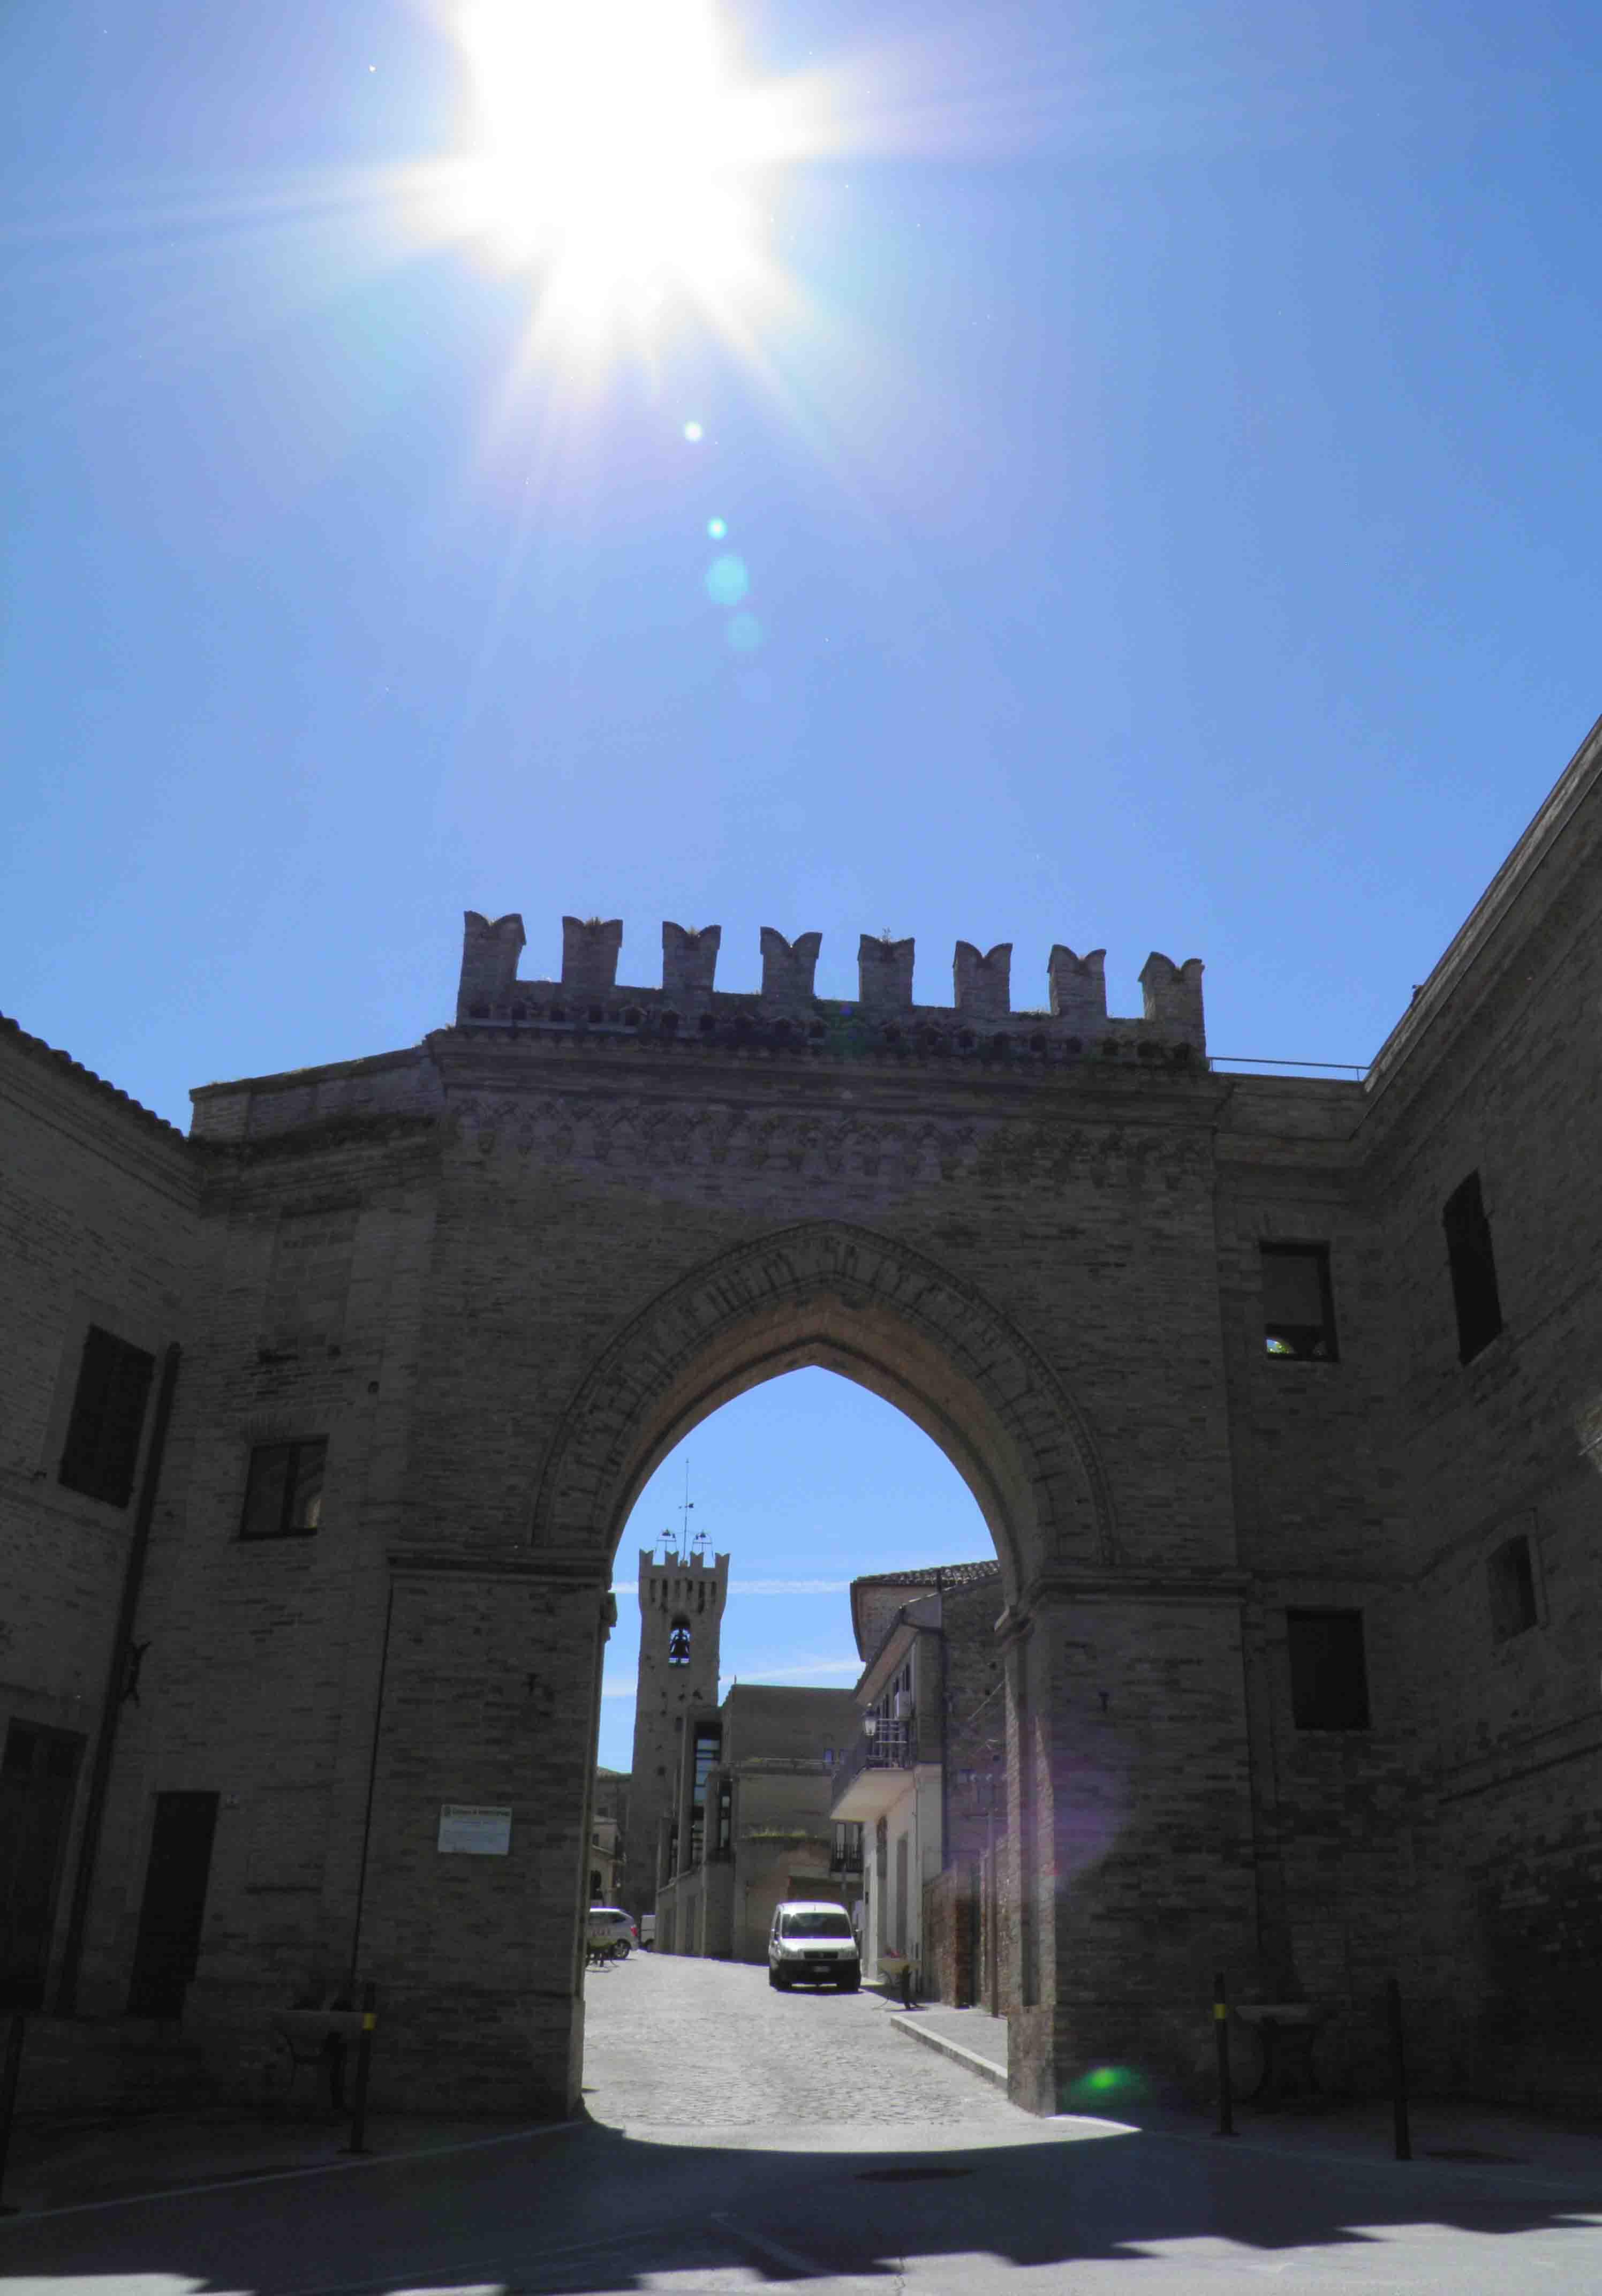 Il sole che illumina uno dei borghi pi belli d 39 italia for Il piu alto dei cieli cruciverba